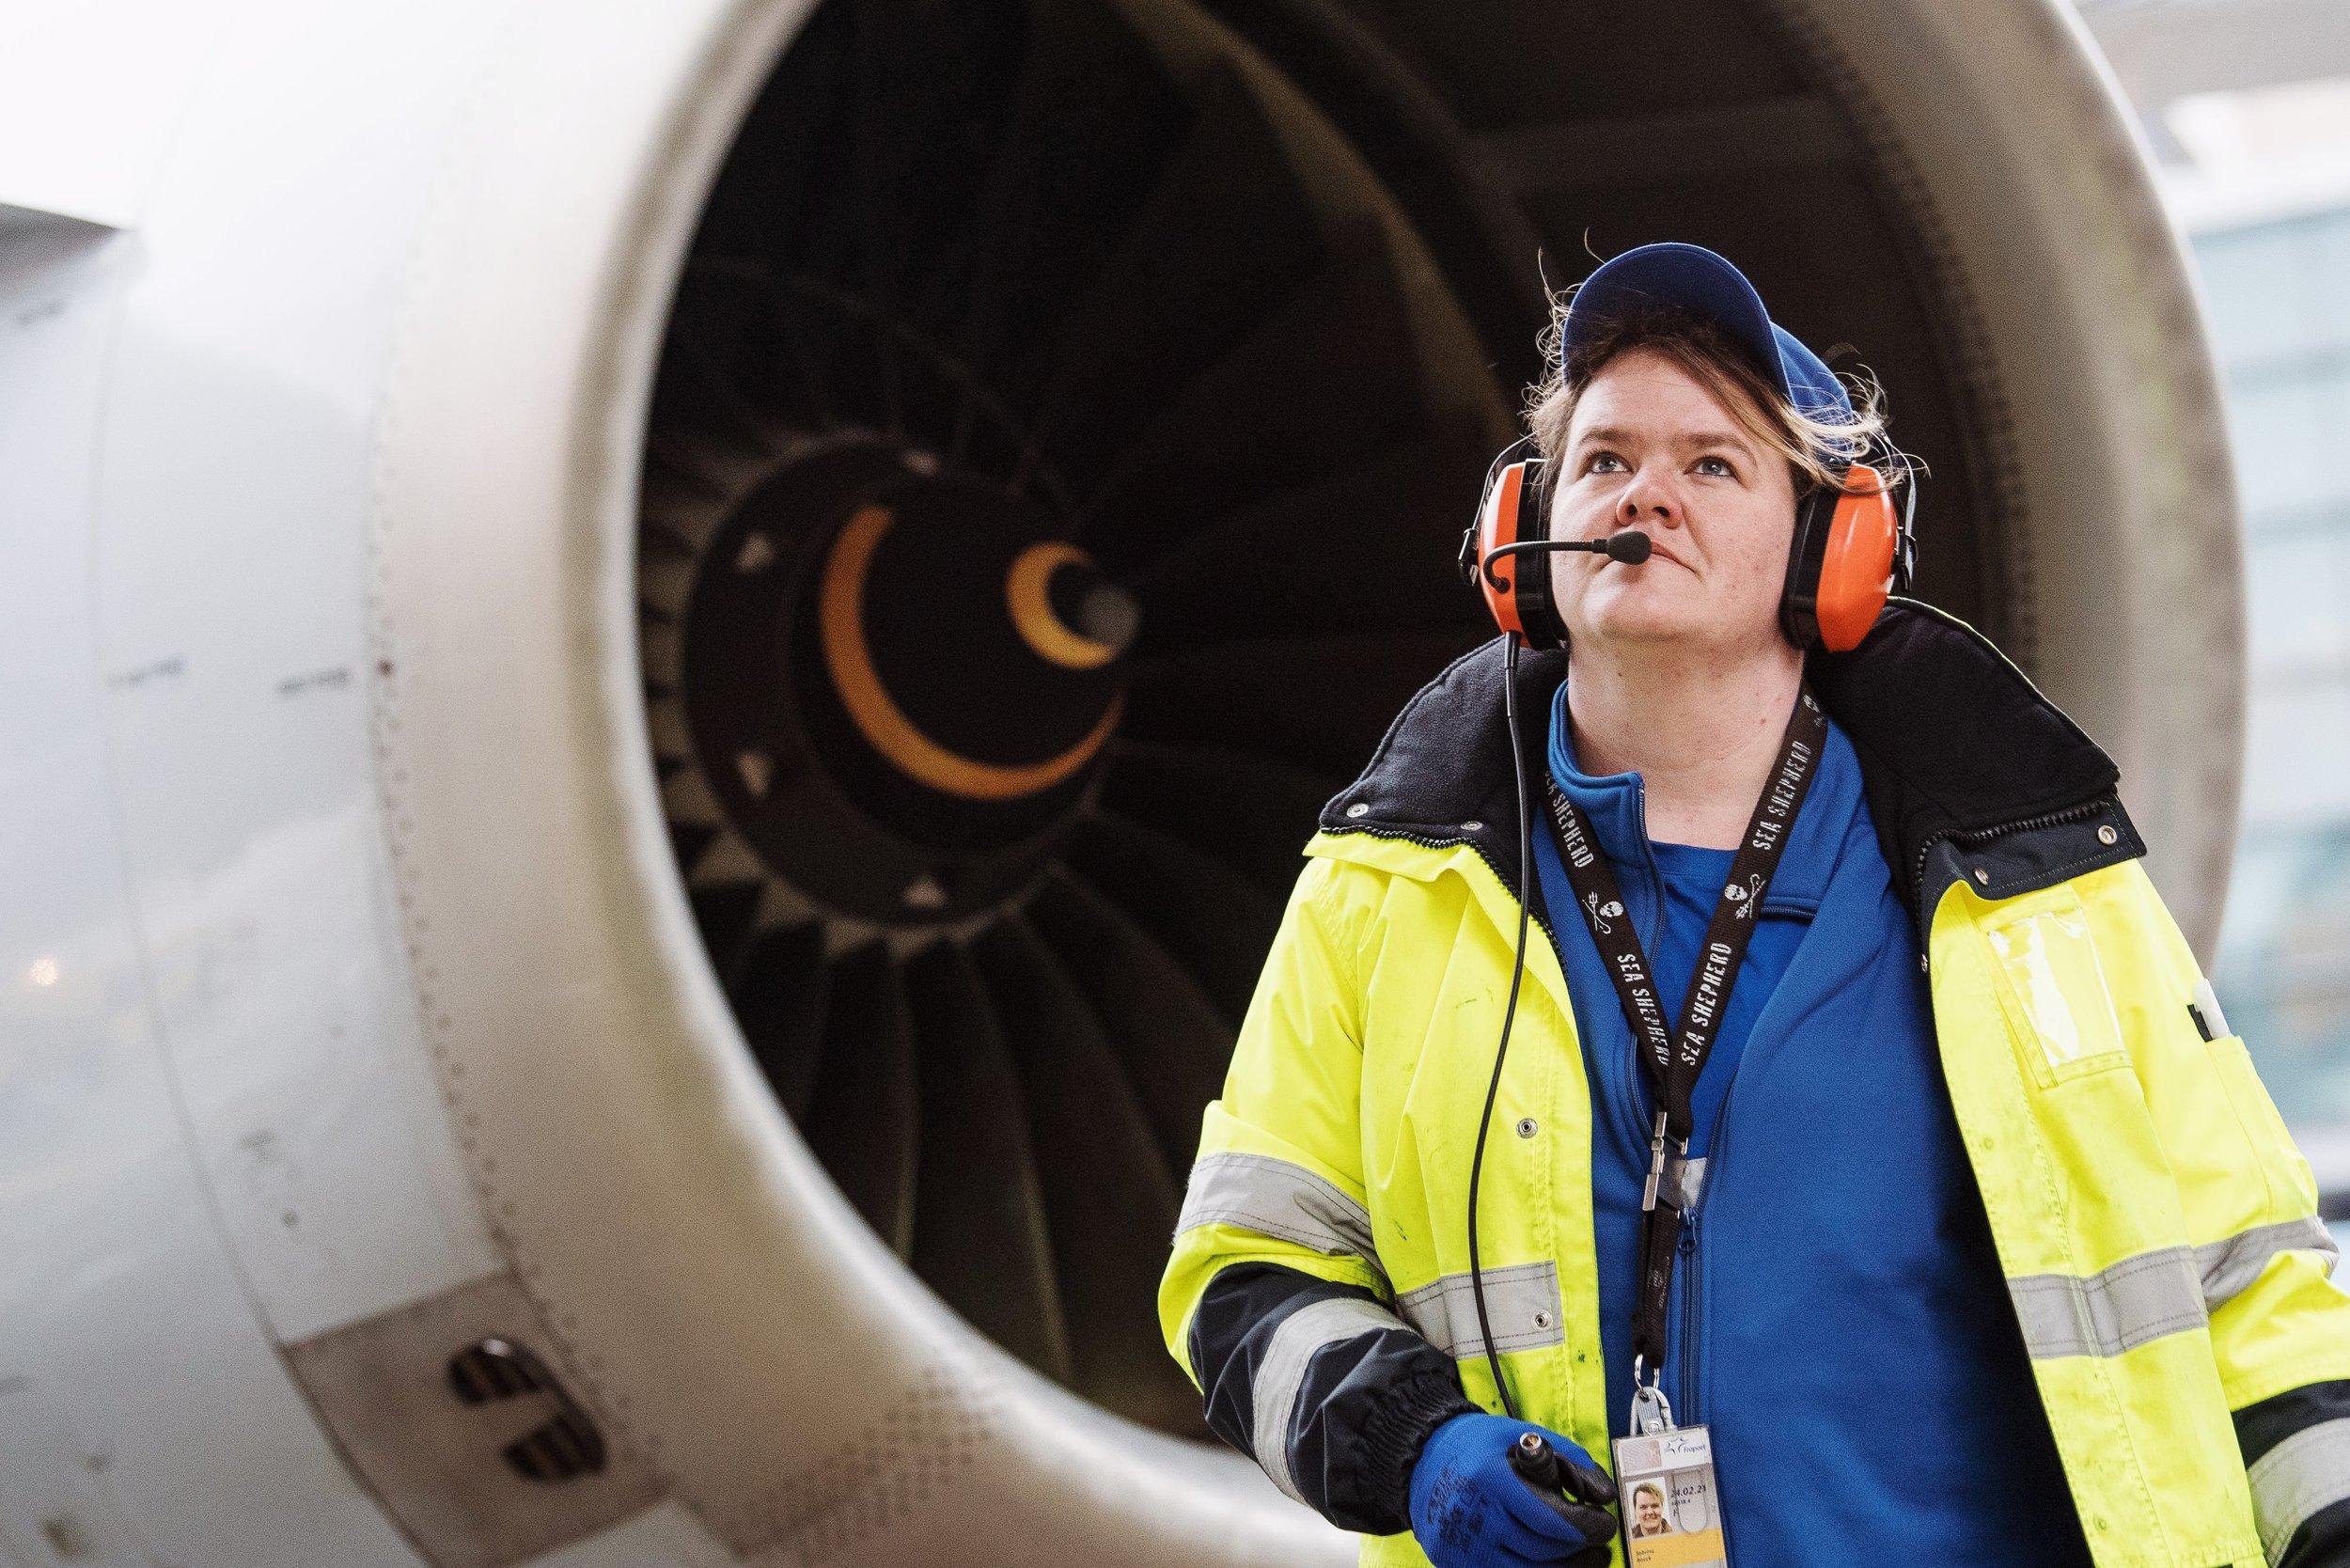 Sabrina Boock, Zuständig für die Flugzeugabfertigung am Frankfurter Flughafen